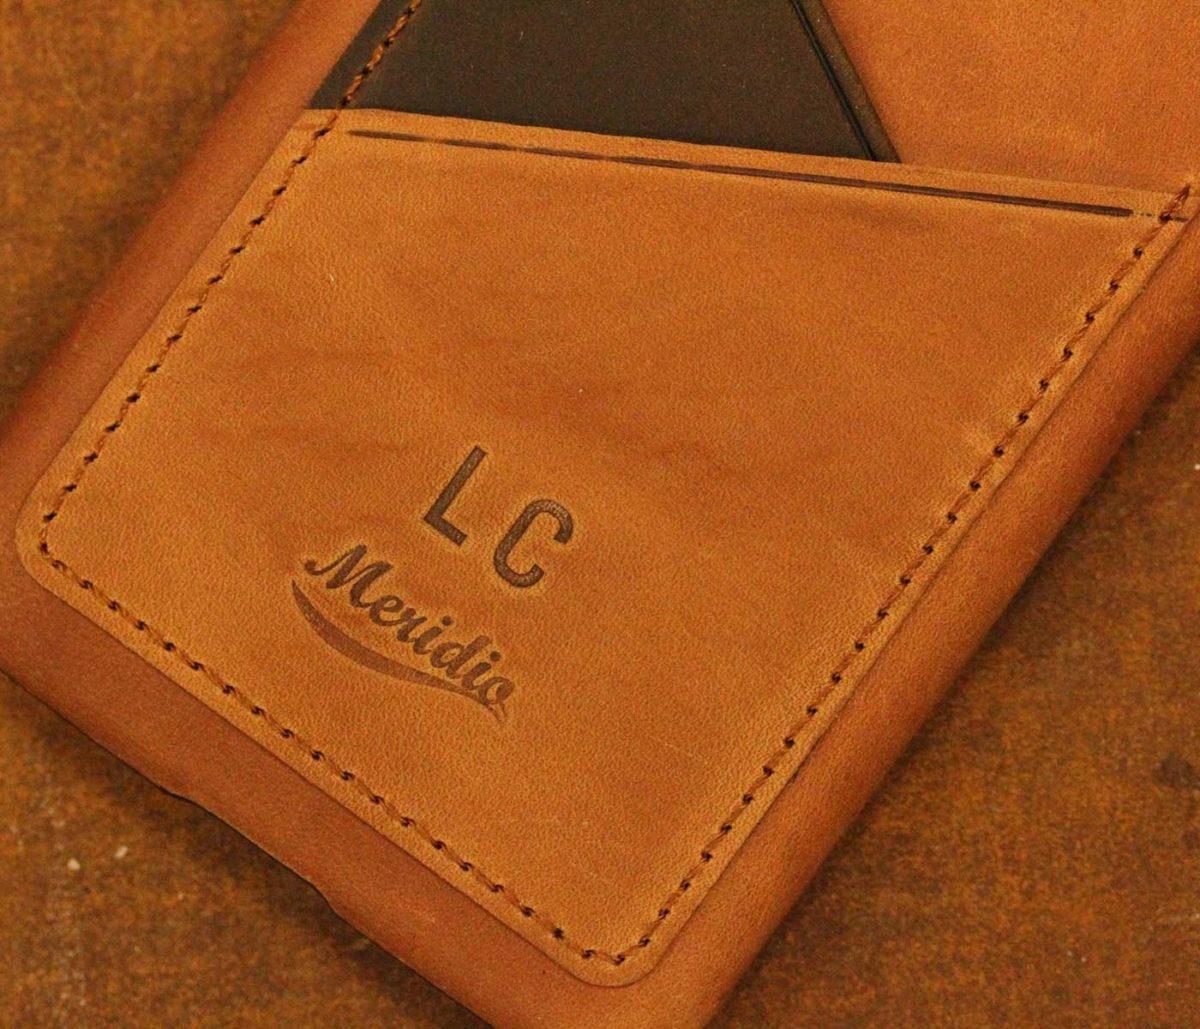 Barrel-with-monogram-iphone-leatehr-case